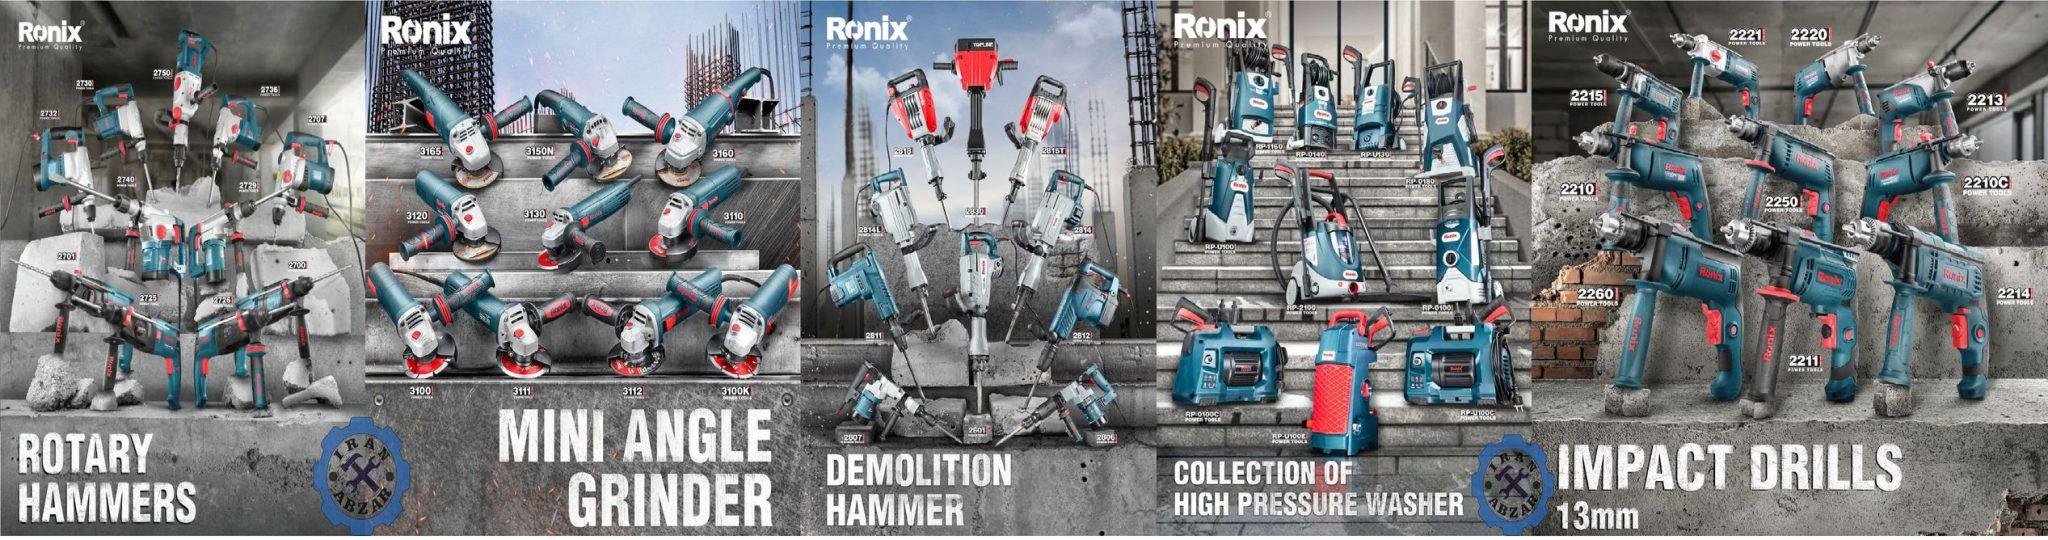 فروش محصولات رونیکس